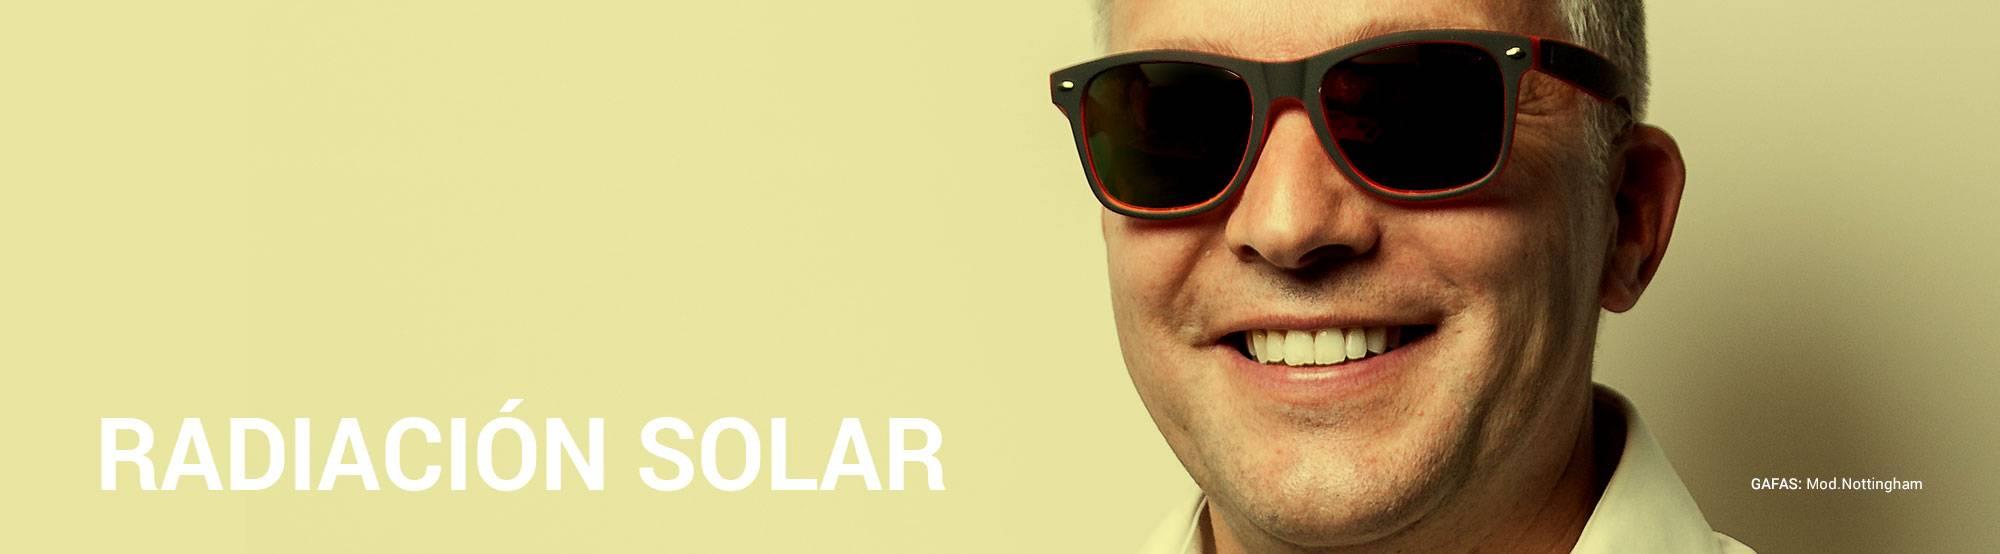 radiación solar gafas sol proteger